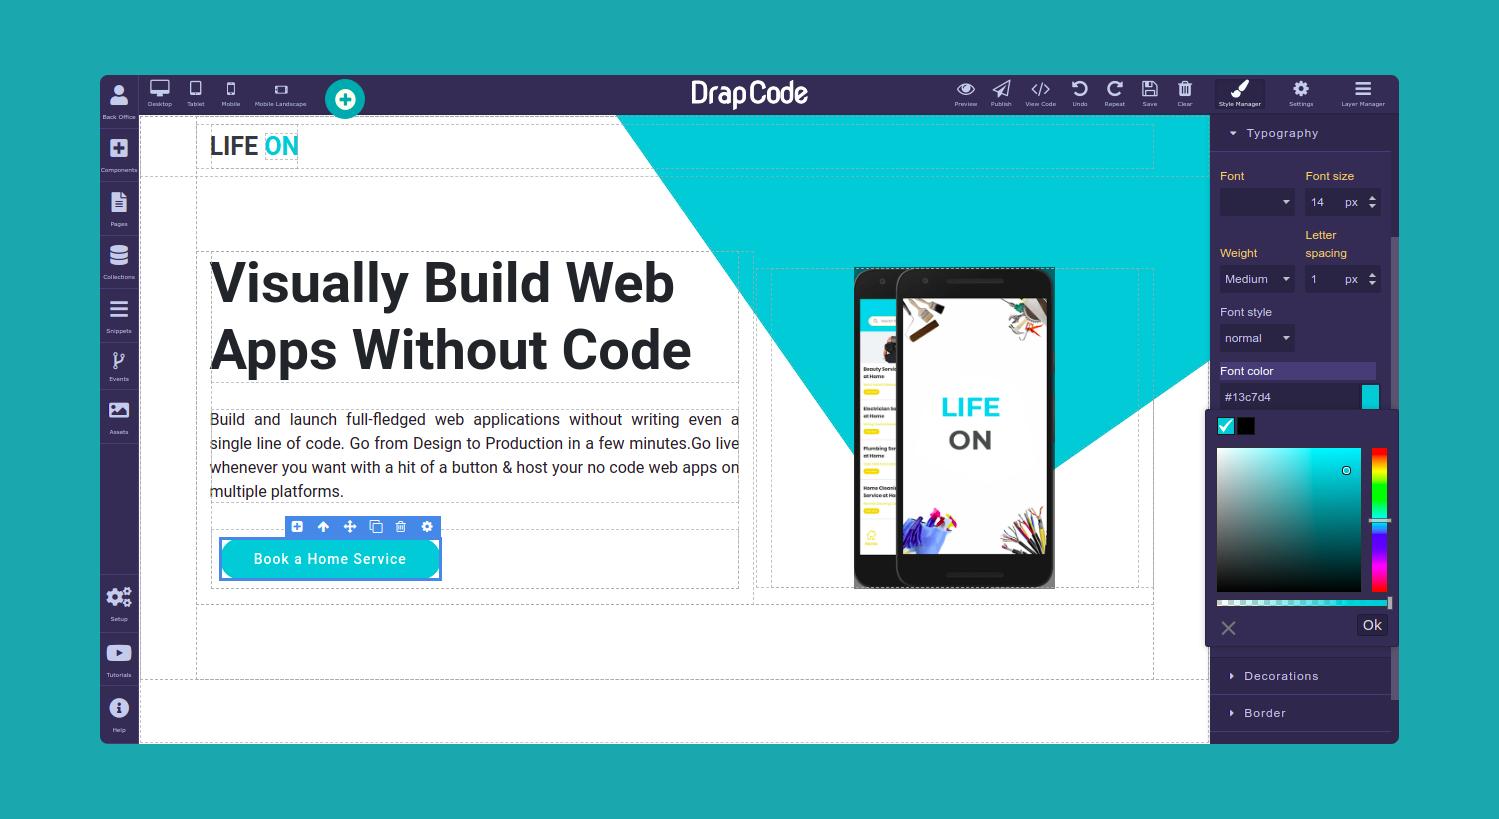 DrapCode Screenshot 1